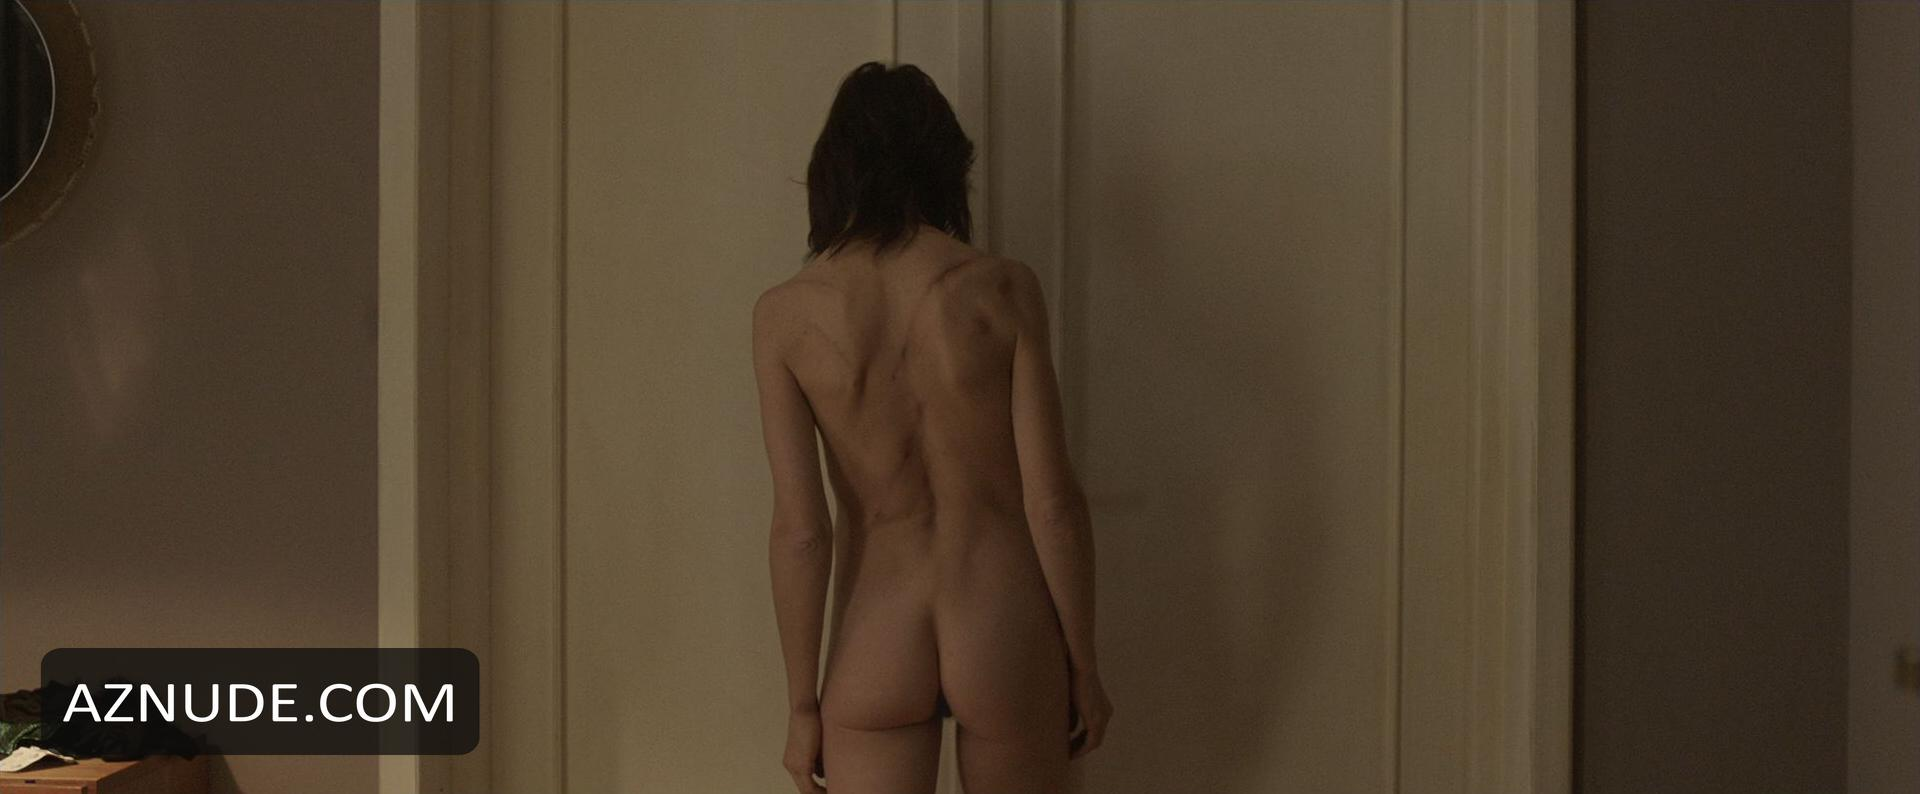 Finest Nora Dunn Naked Jpg